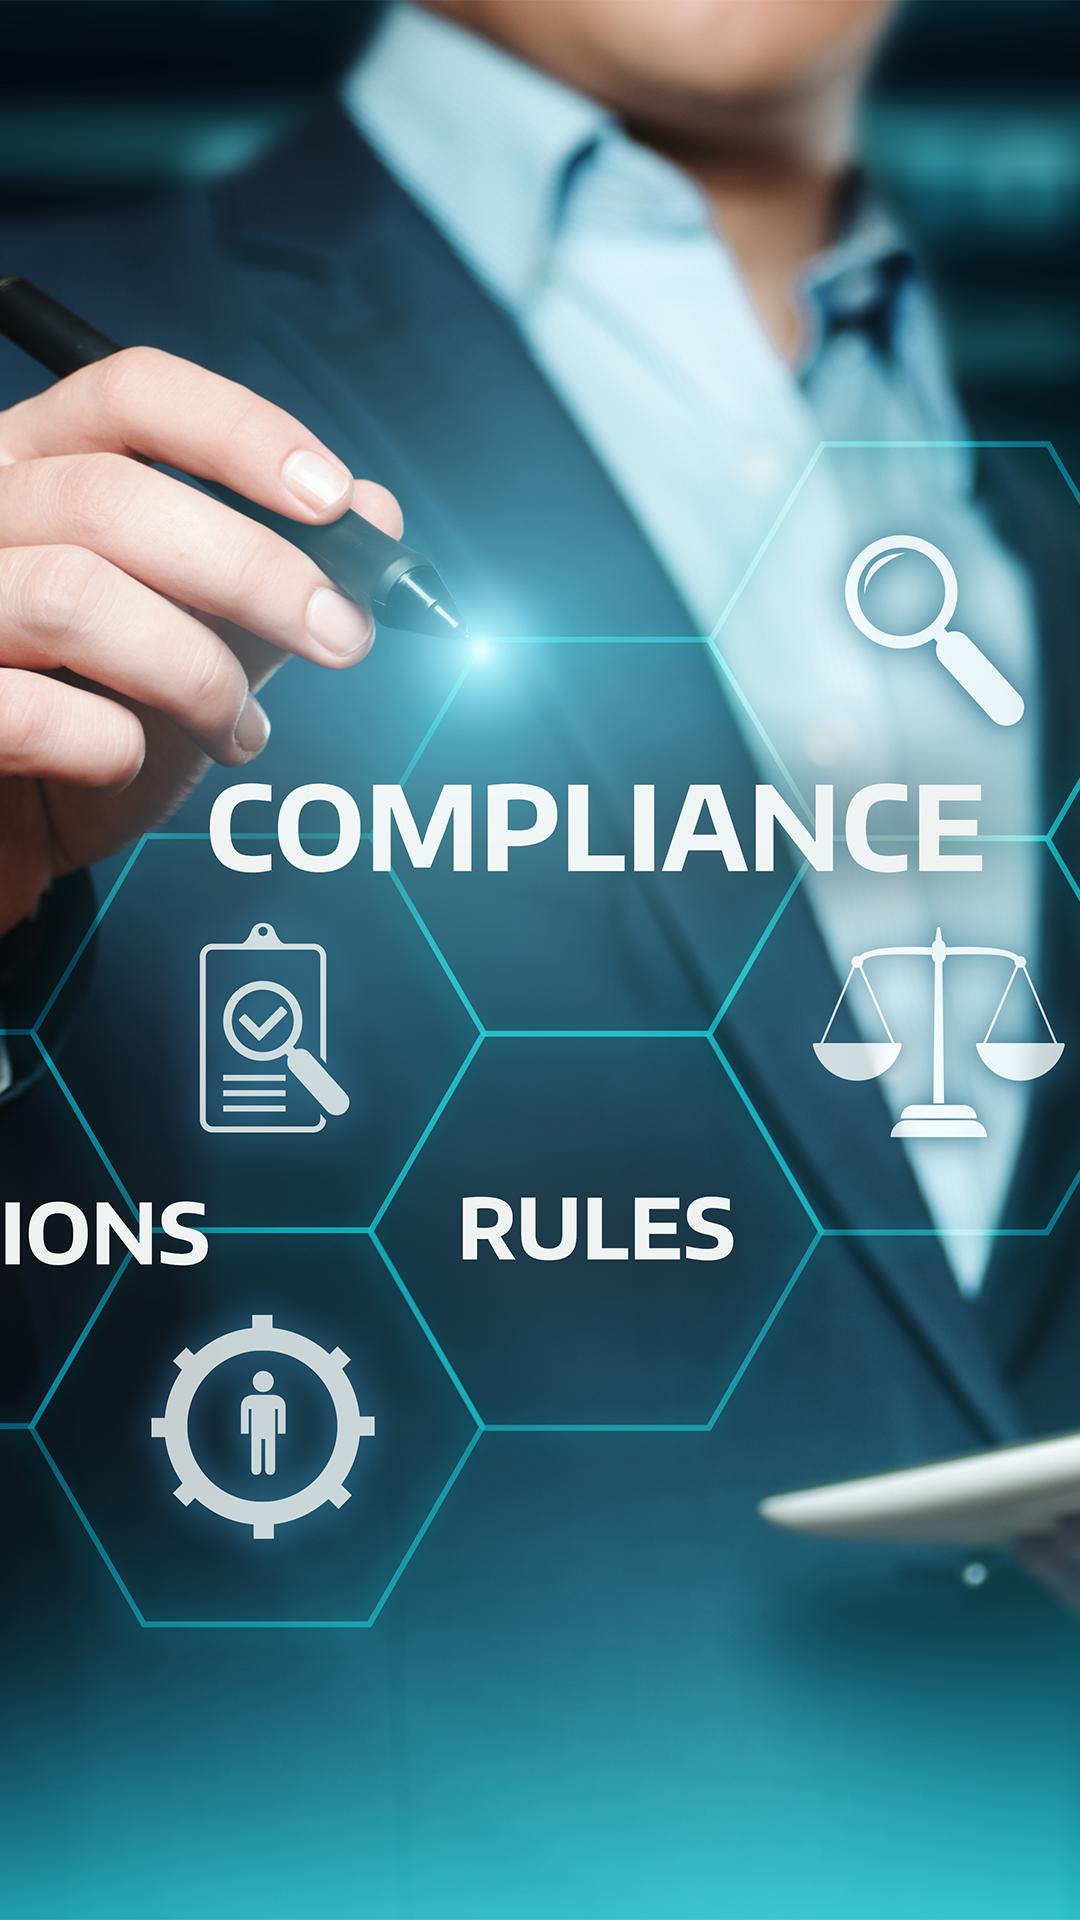 Compliance beeld_shutterstock__aangepast